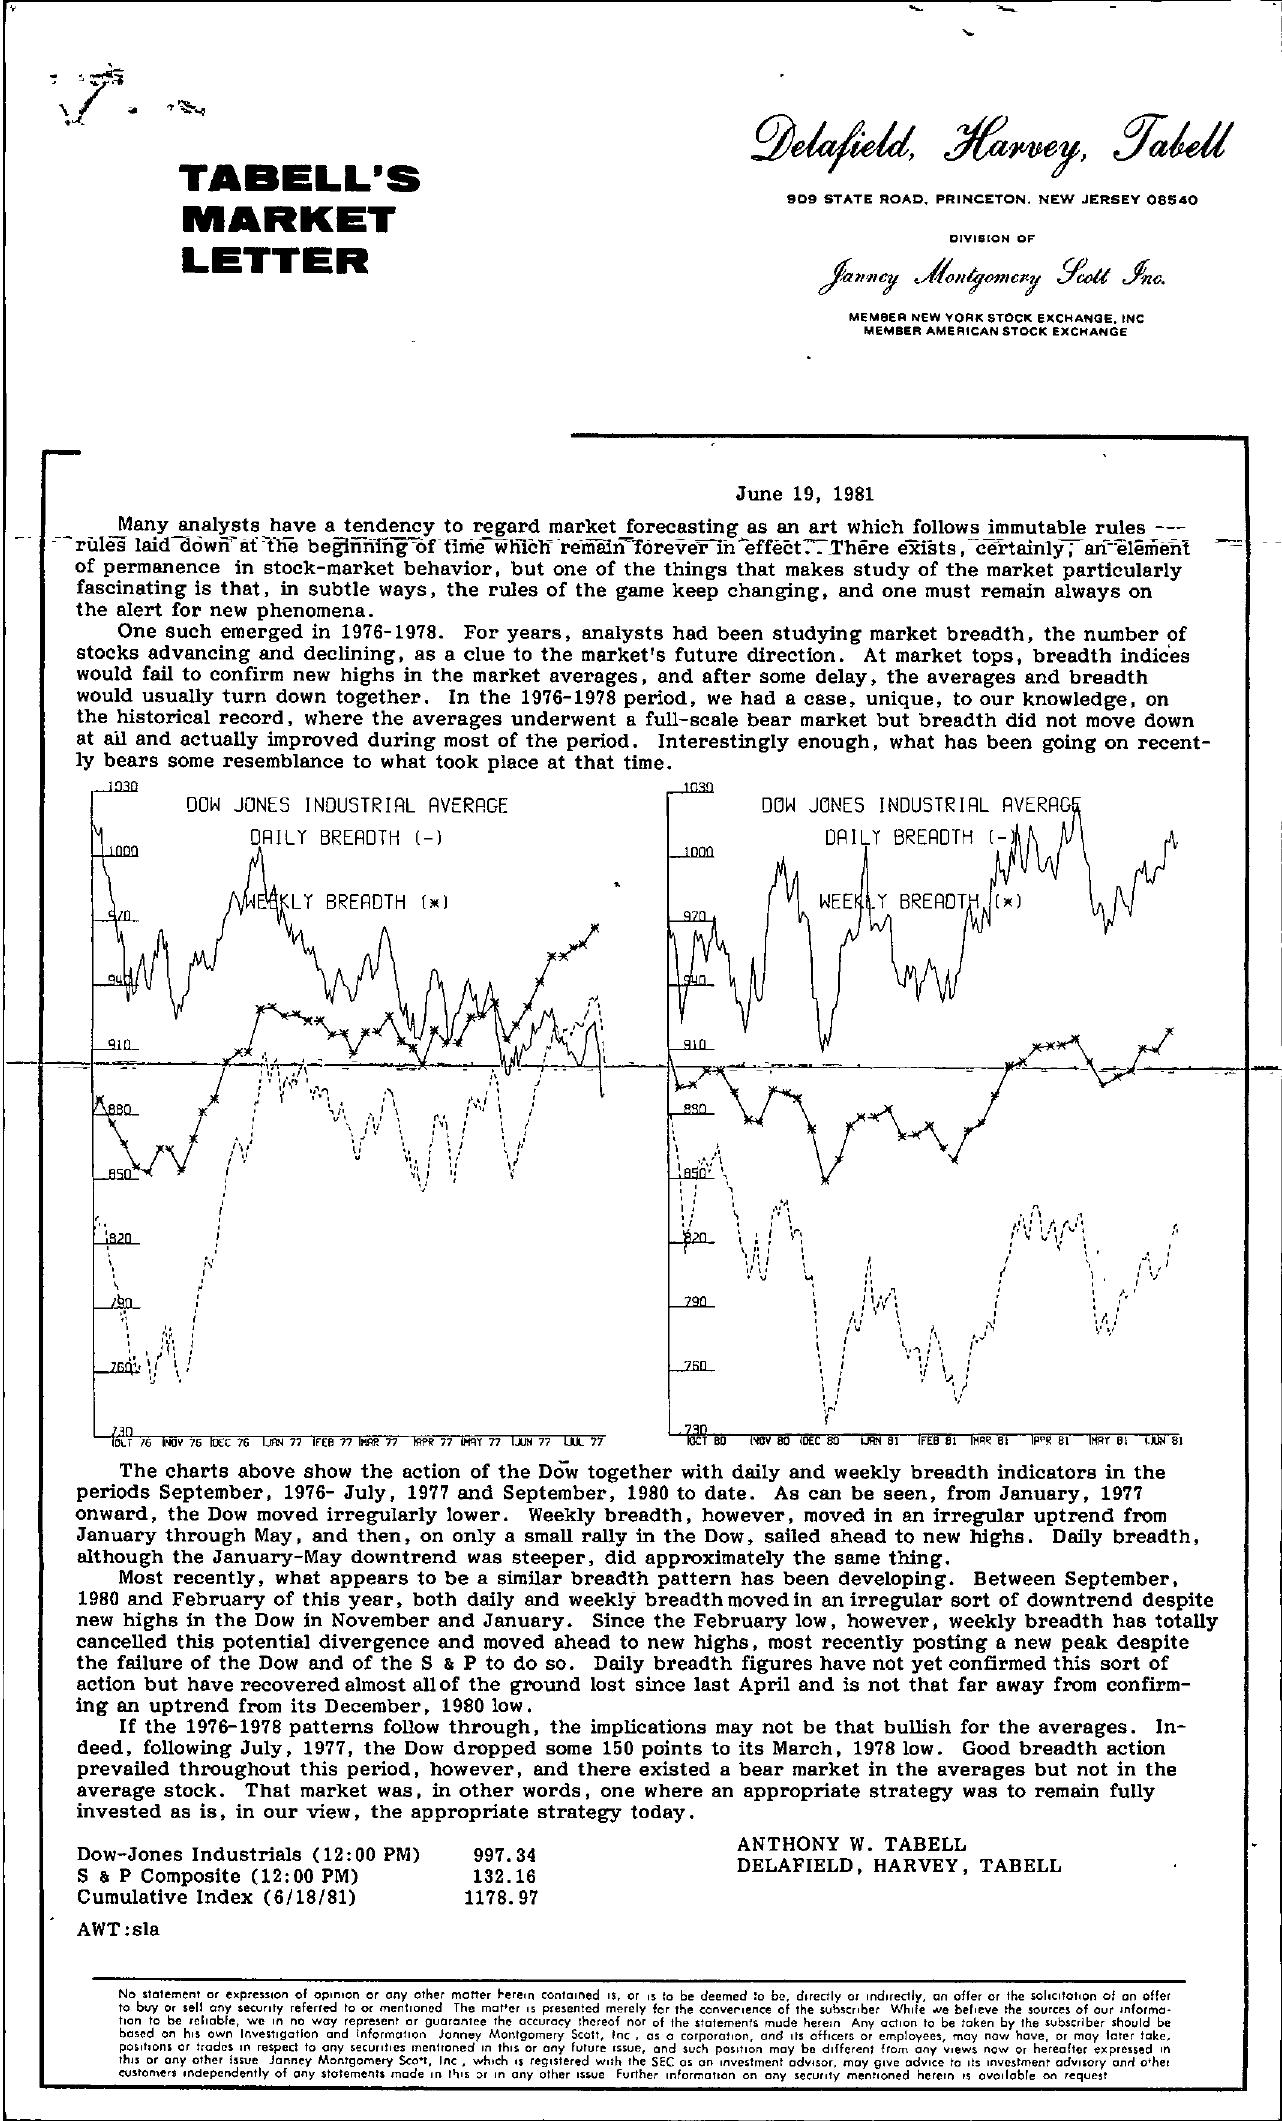 Tabell's Market Letter - June 19, 1981